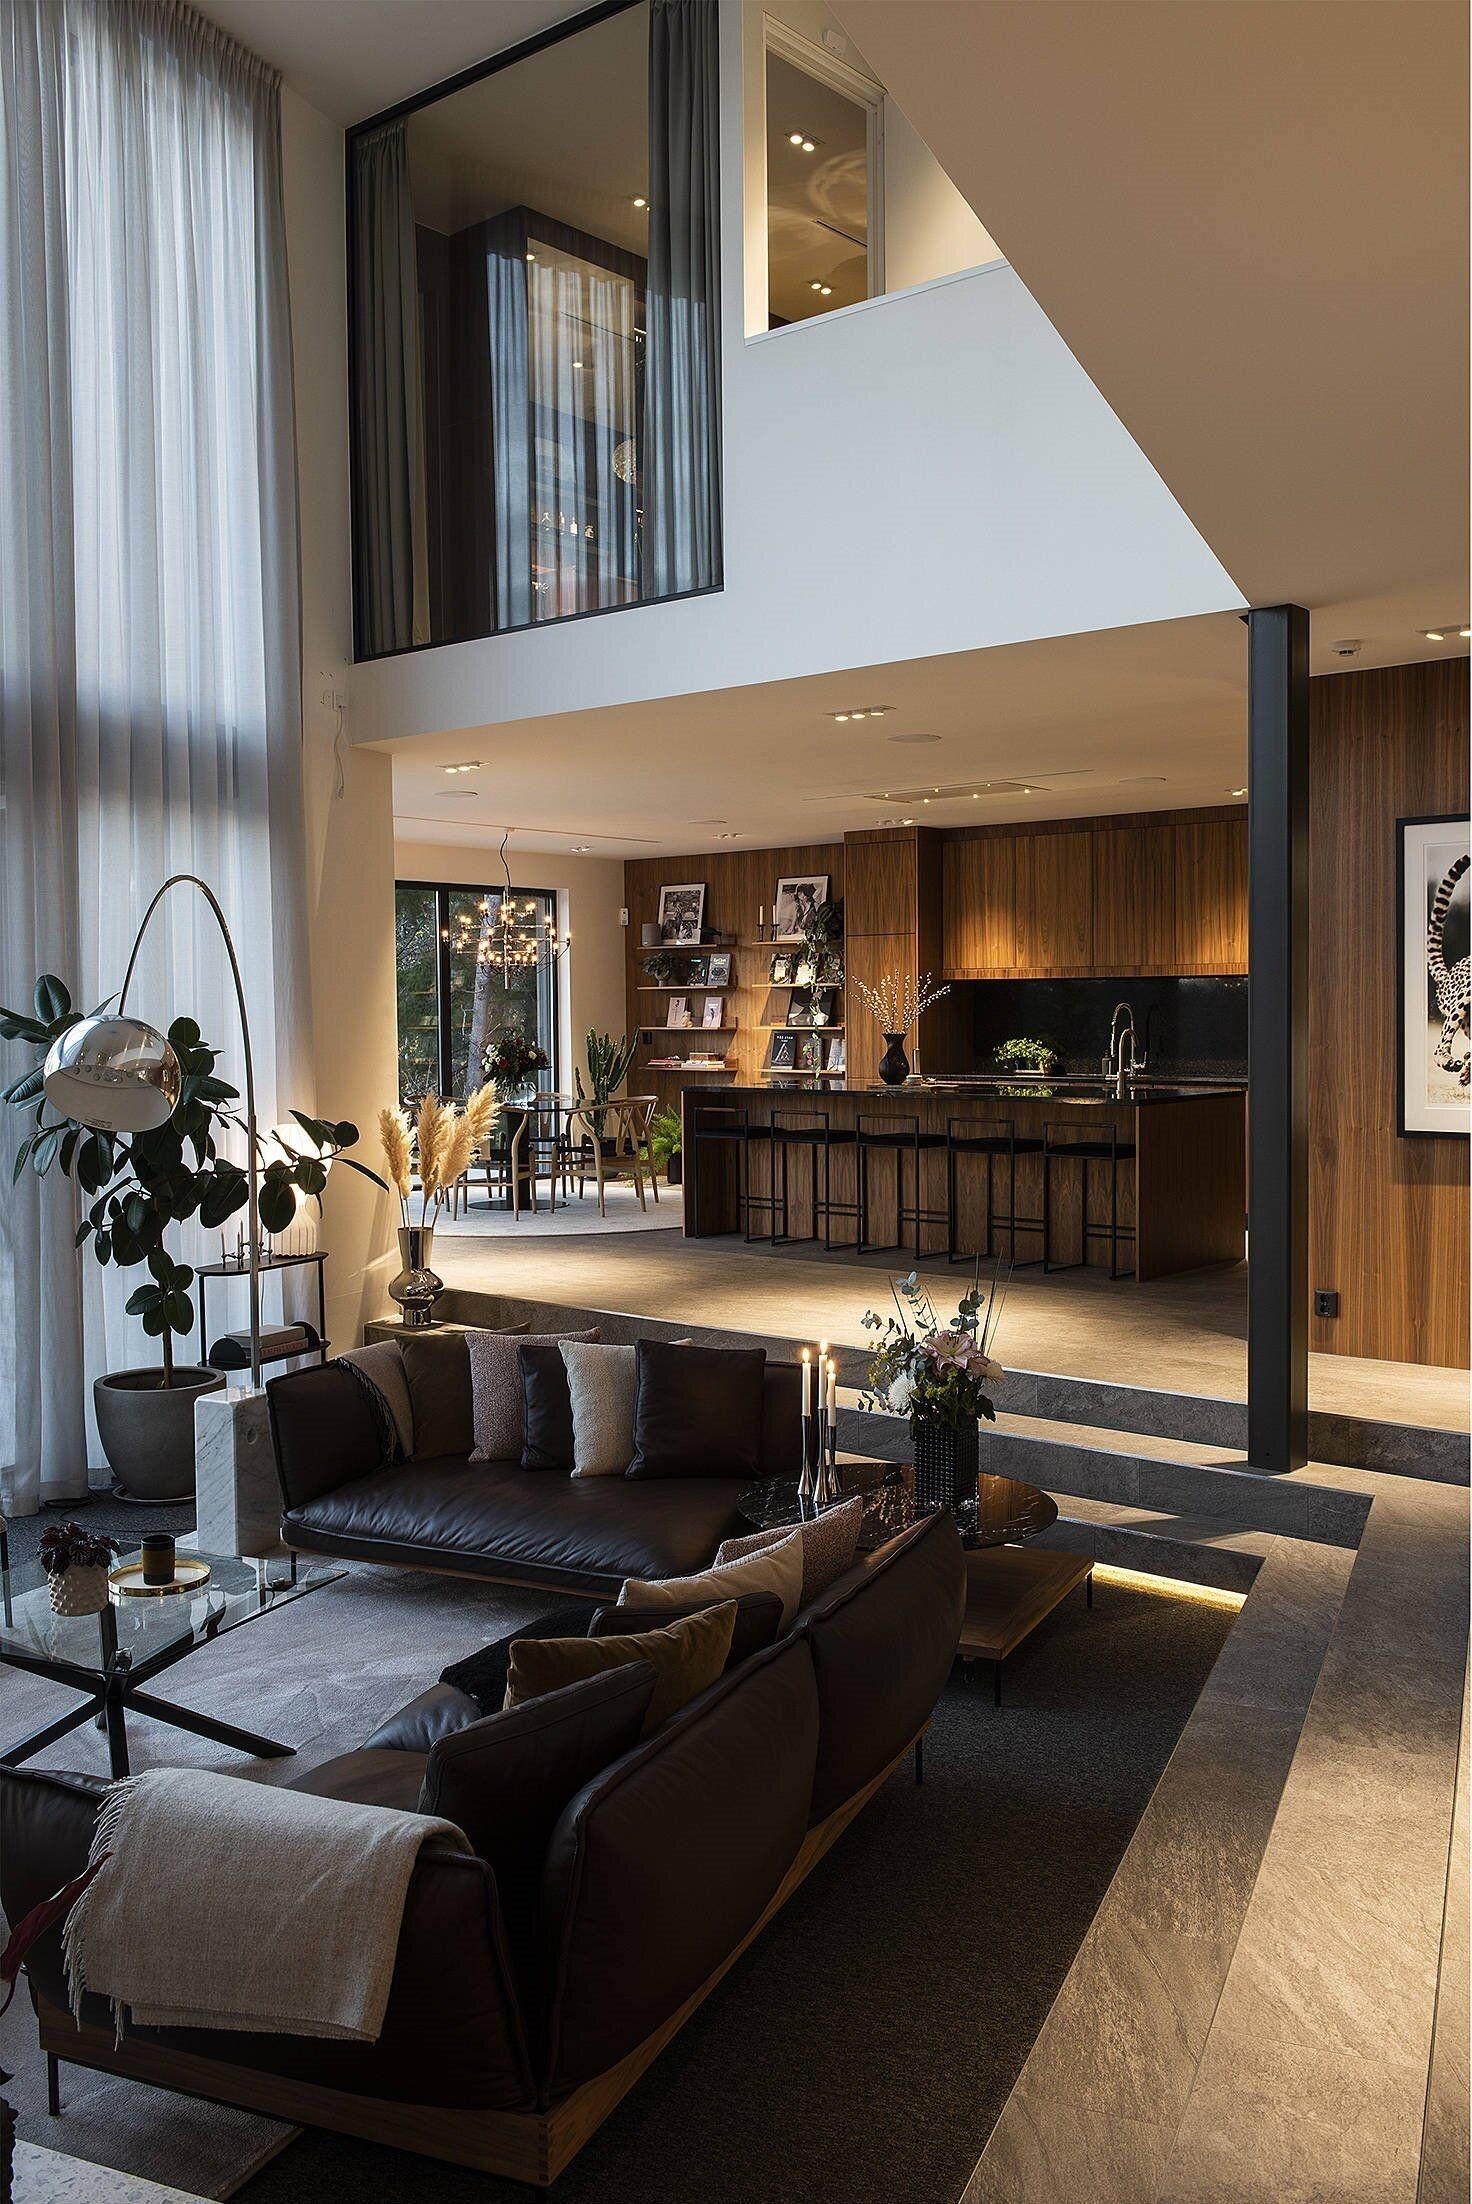 Villa De Luxe De Reve Et Les Plus Cheres Les Plus Belles Maisons Avec Piscine En 2020 Interieur Maison Design Maison Moderne Interieur Interieur Maison Contemporaine